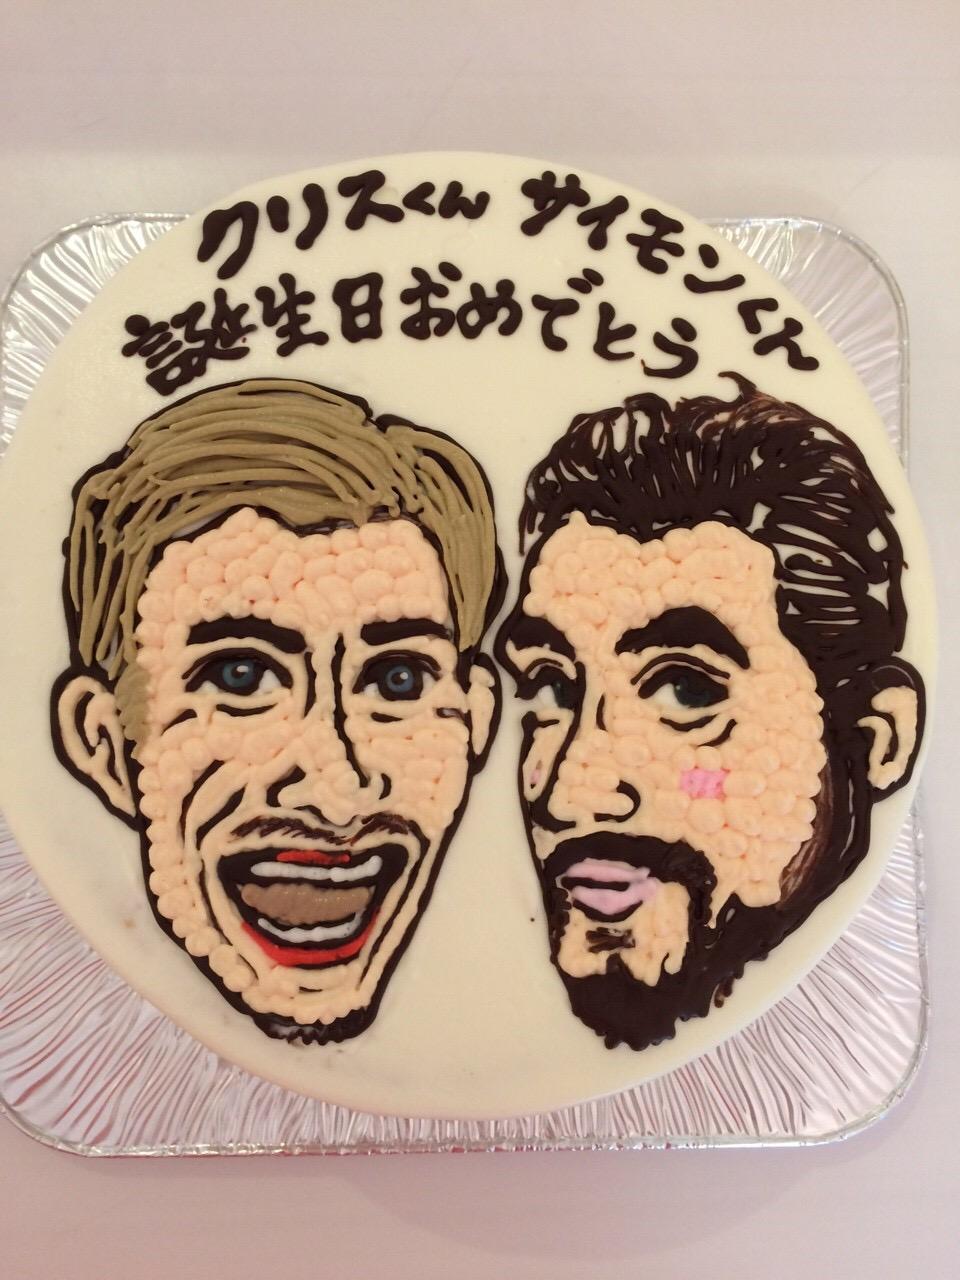 名古屋の似顔絵イラスト入りバースデーケーキ